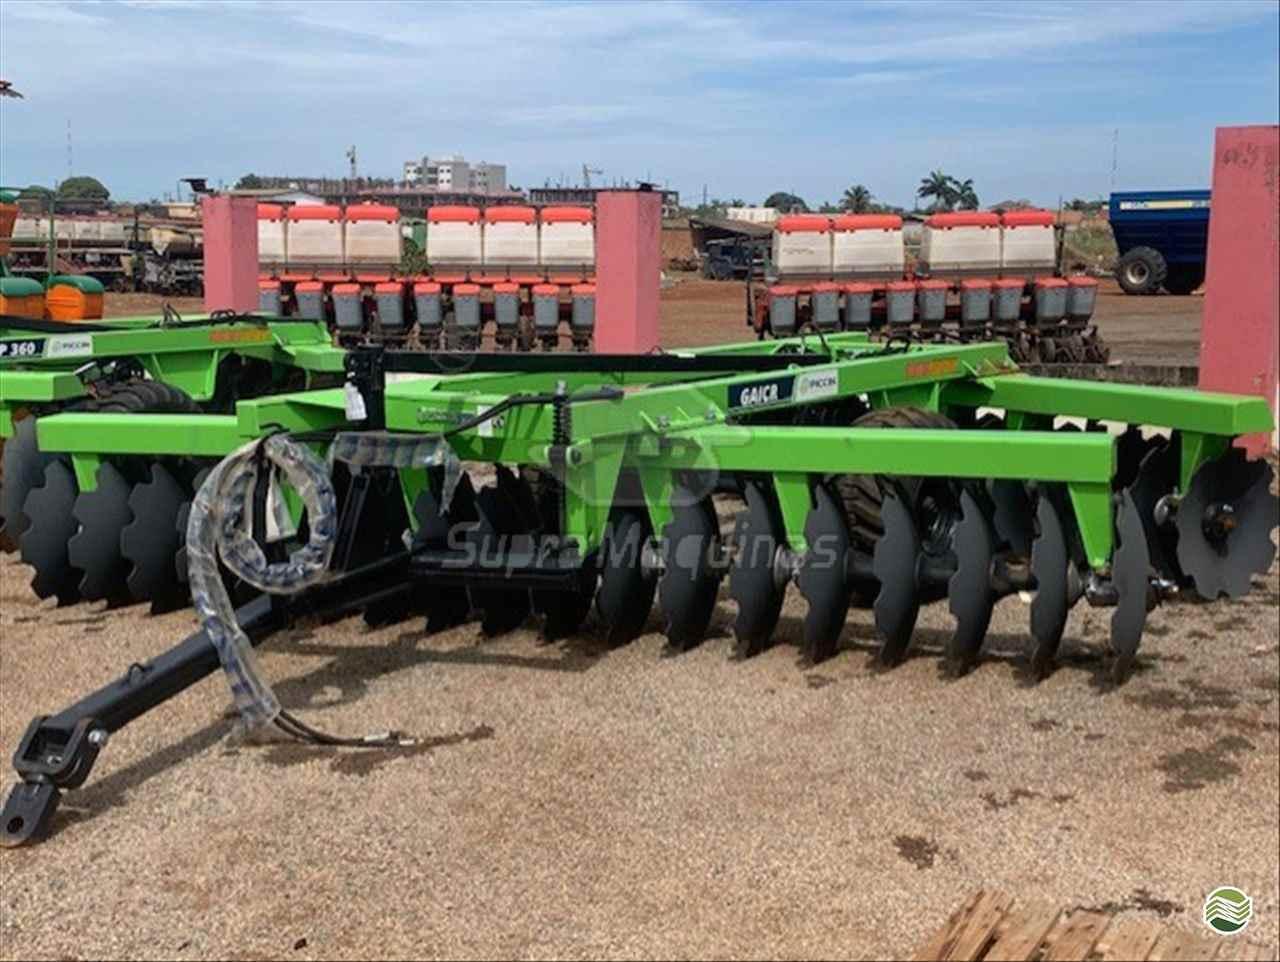 IMPLEMENTOS AGRICOLAS GRADE INTERMEDIÁRIA INTERMEDIÁRIA 36 DISCOS Supra Máquinas LUCAS DO RIO VERDE MATO GROSSO MT